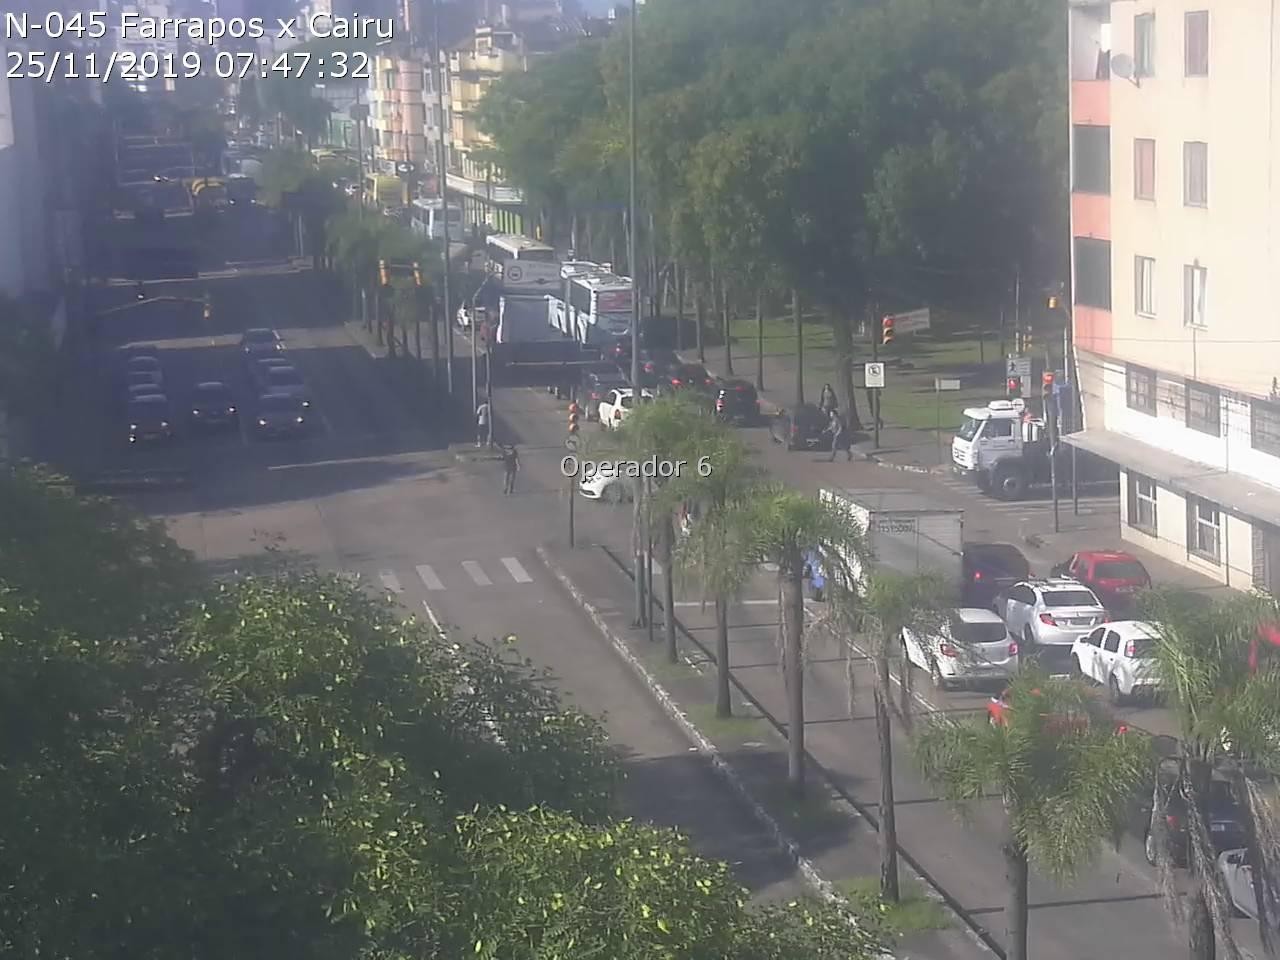 Avenida Farrapos